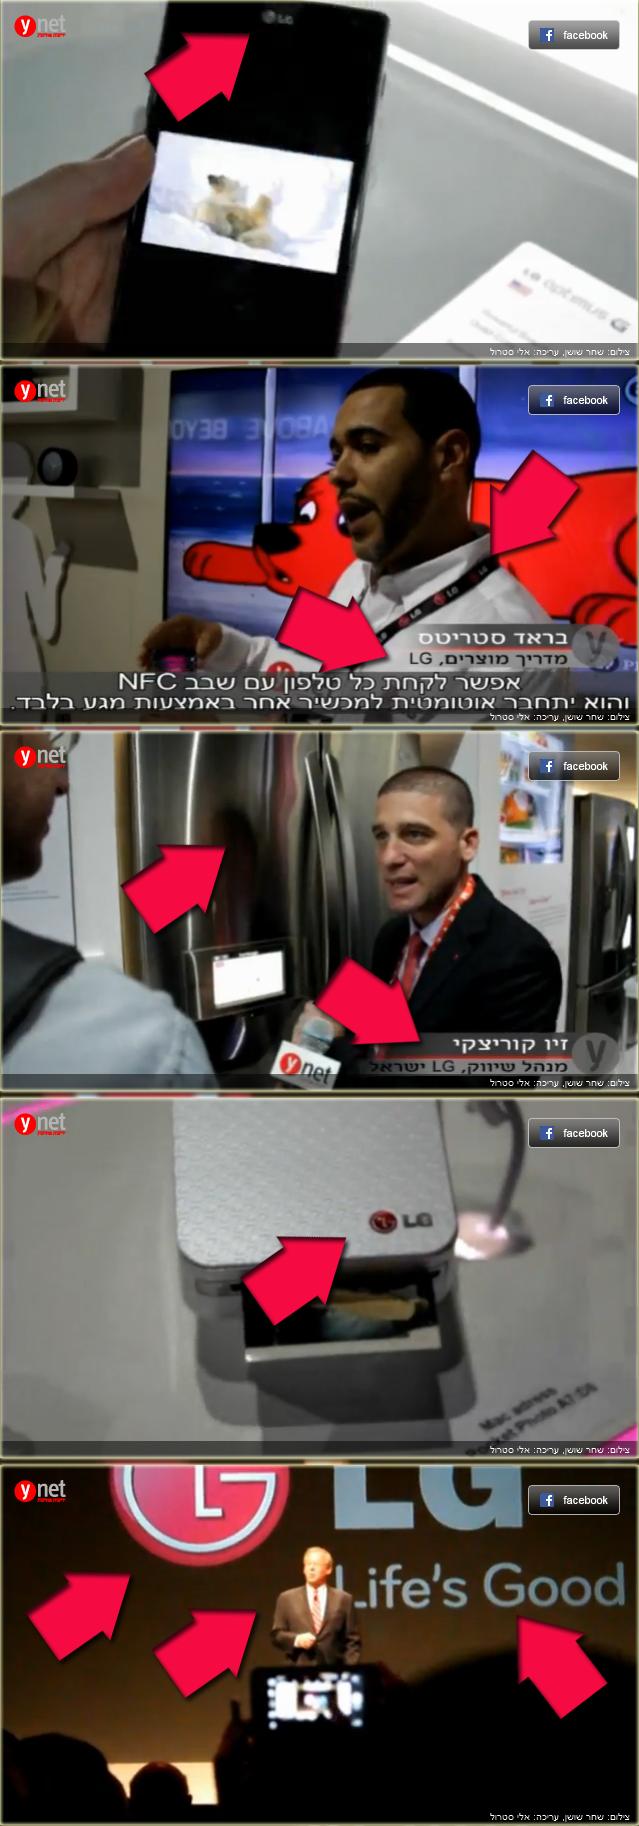 מתוך כתבה על כנס CES ב-ynet (צילום מסך מעובד)